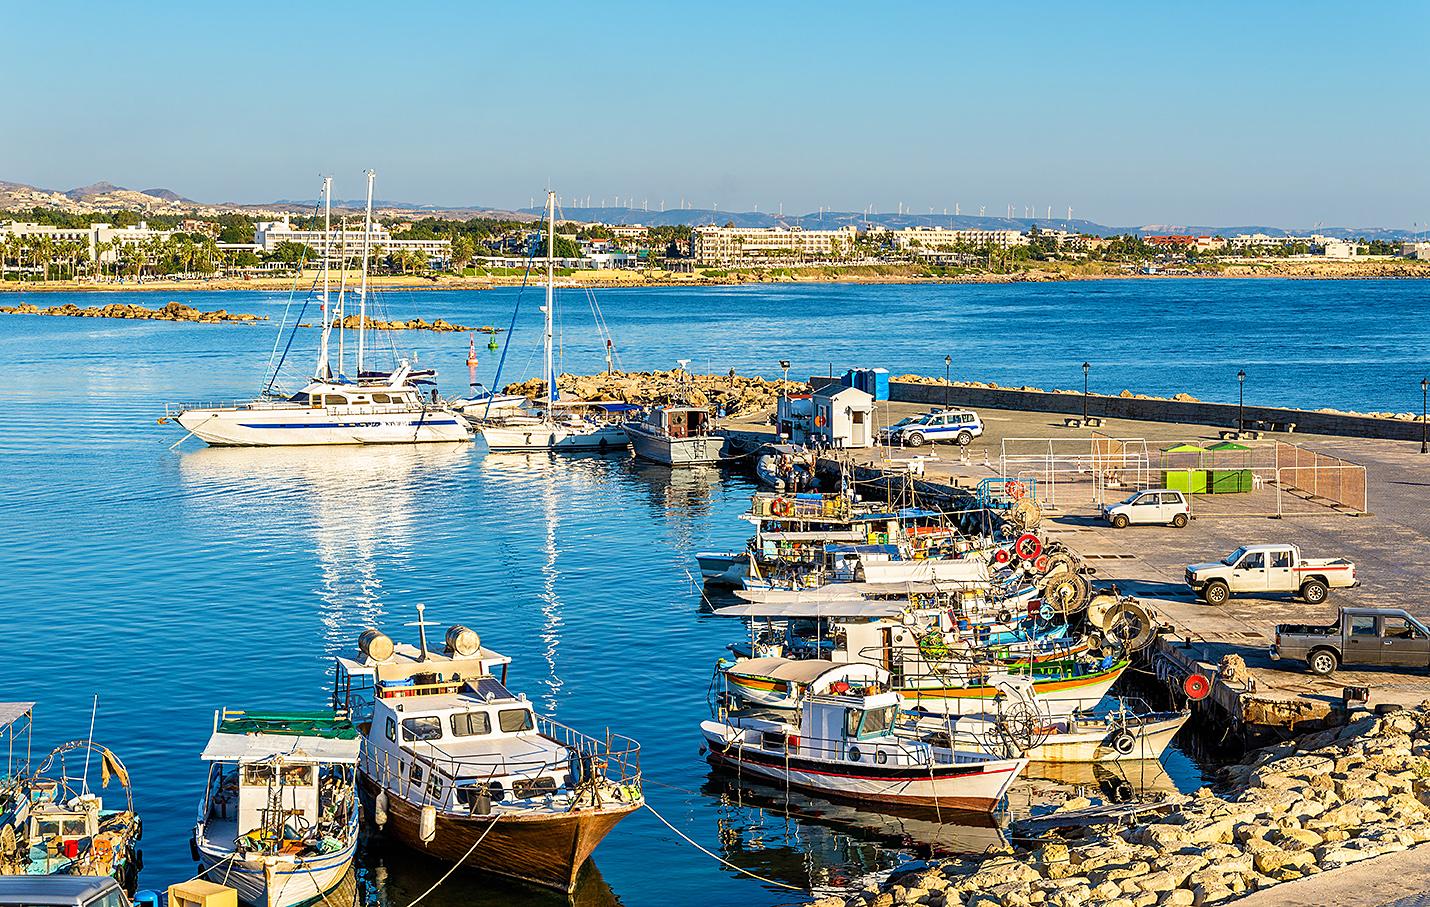 RETT VED MIDDELHAVET: Kystbyen Pahos Ligger Sørvest I Kypros Og Har Over 300 Soldager I året. Foto: Colourbox